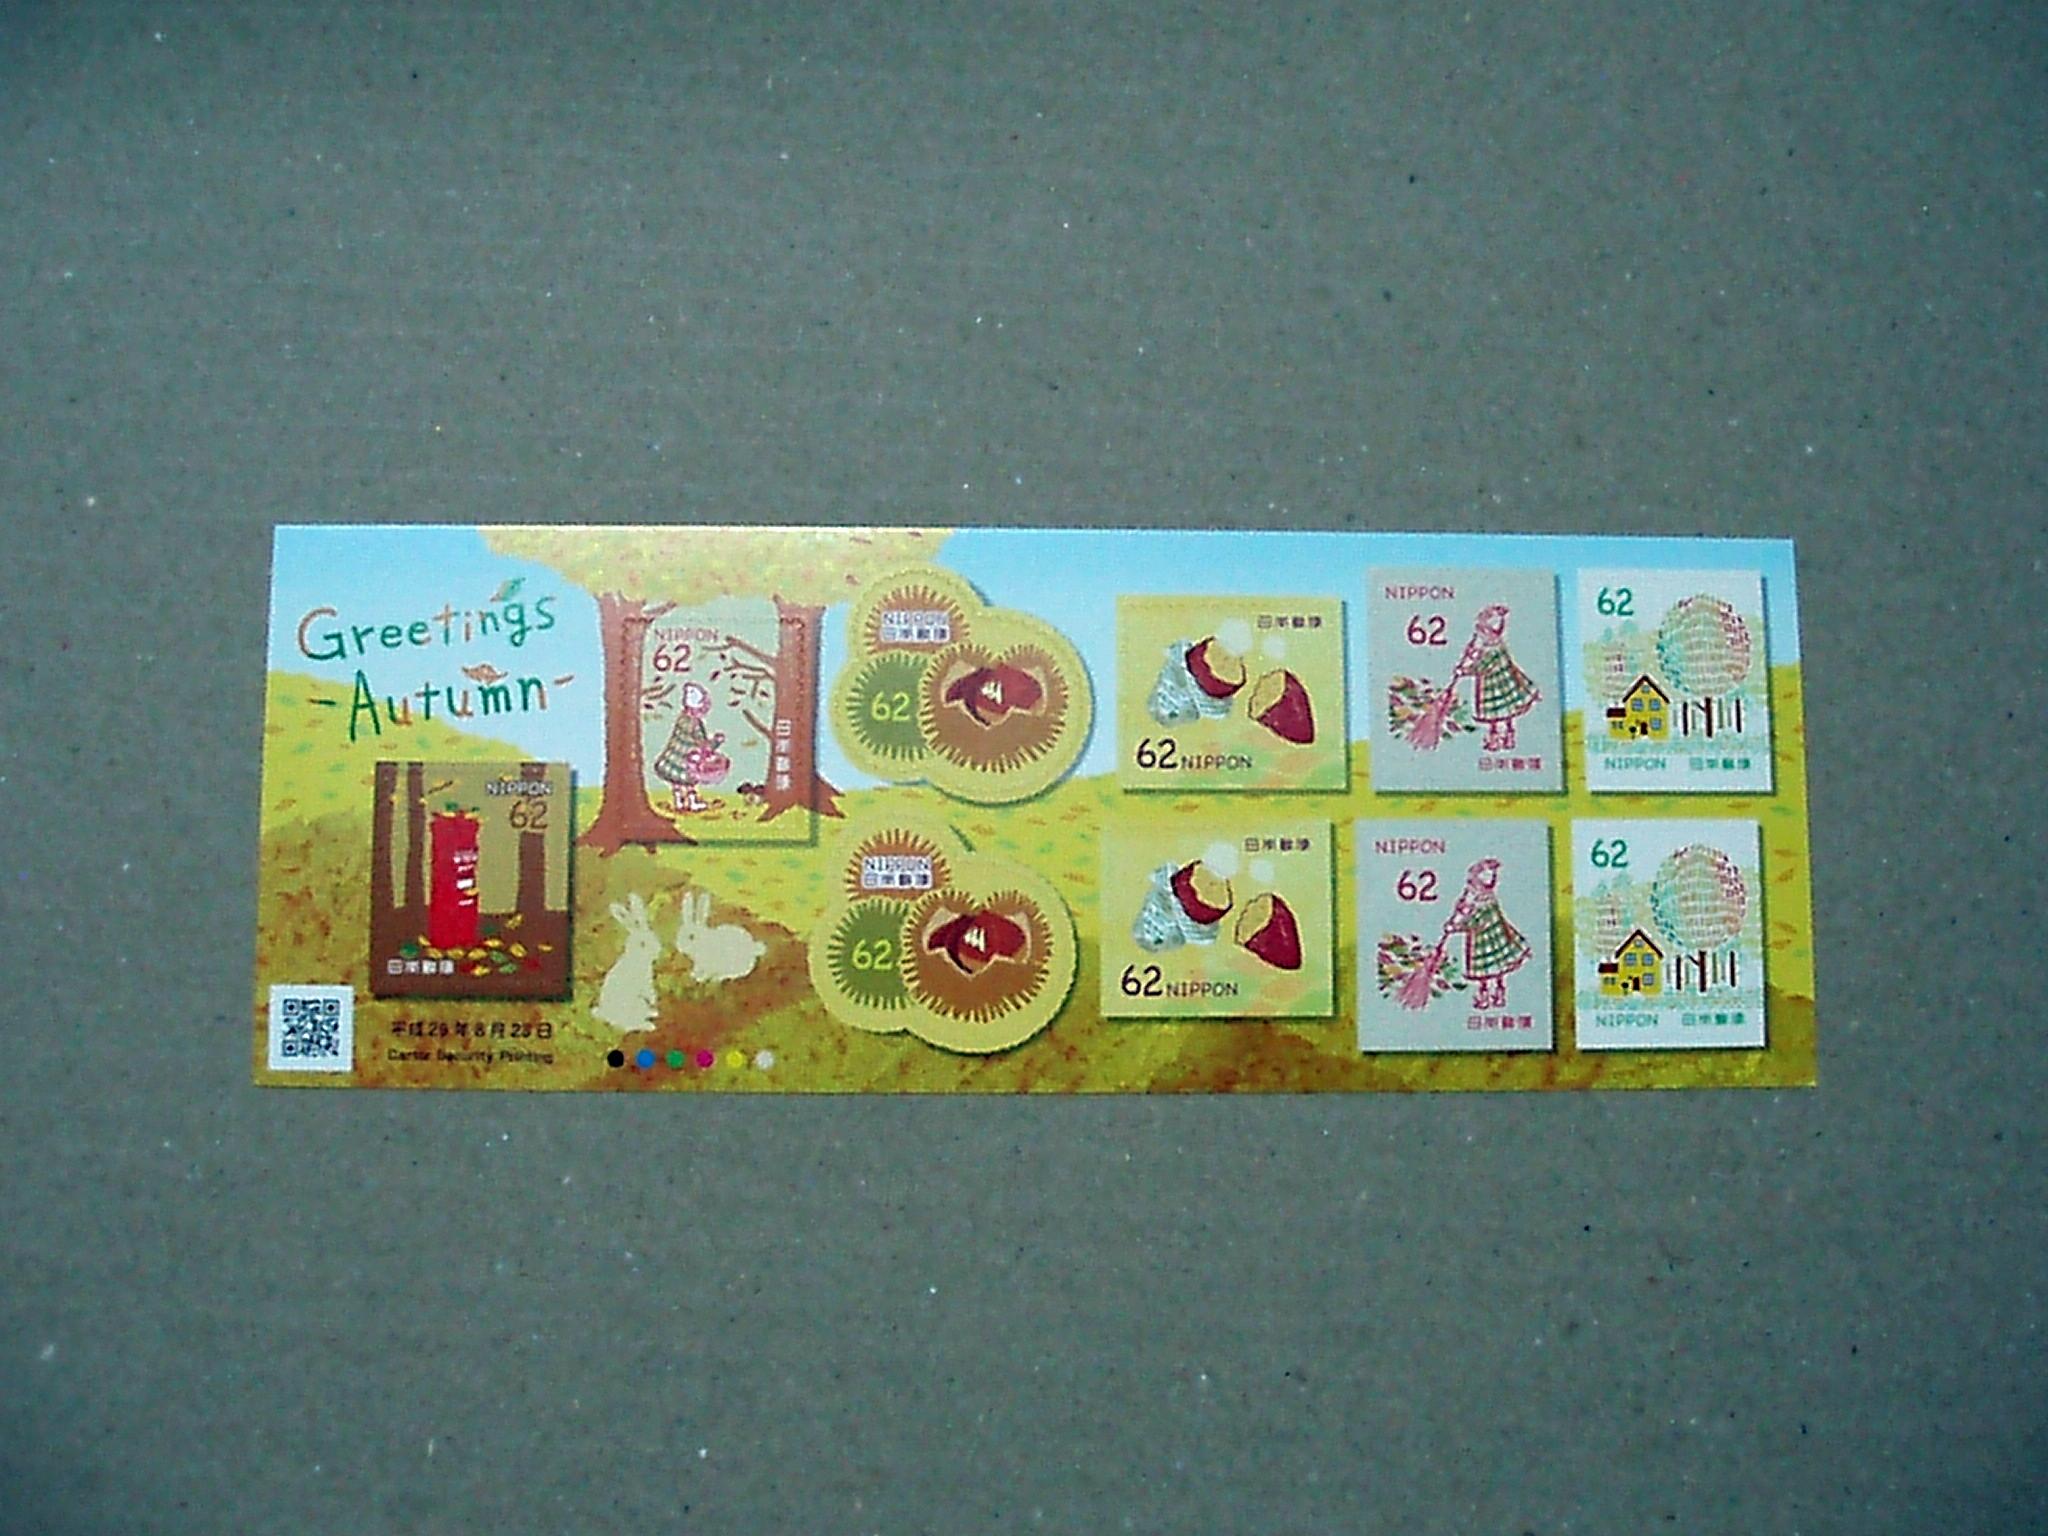 平成29年 2017年 グリーティング切手「秋のグリーティング」 切手 62円 郵便局 シール式